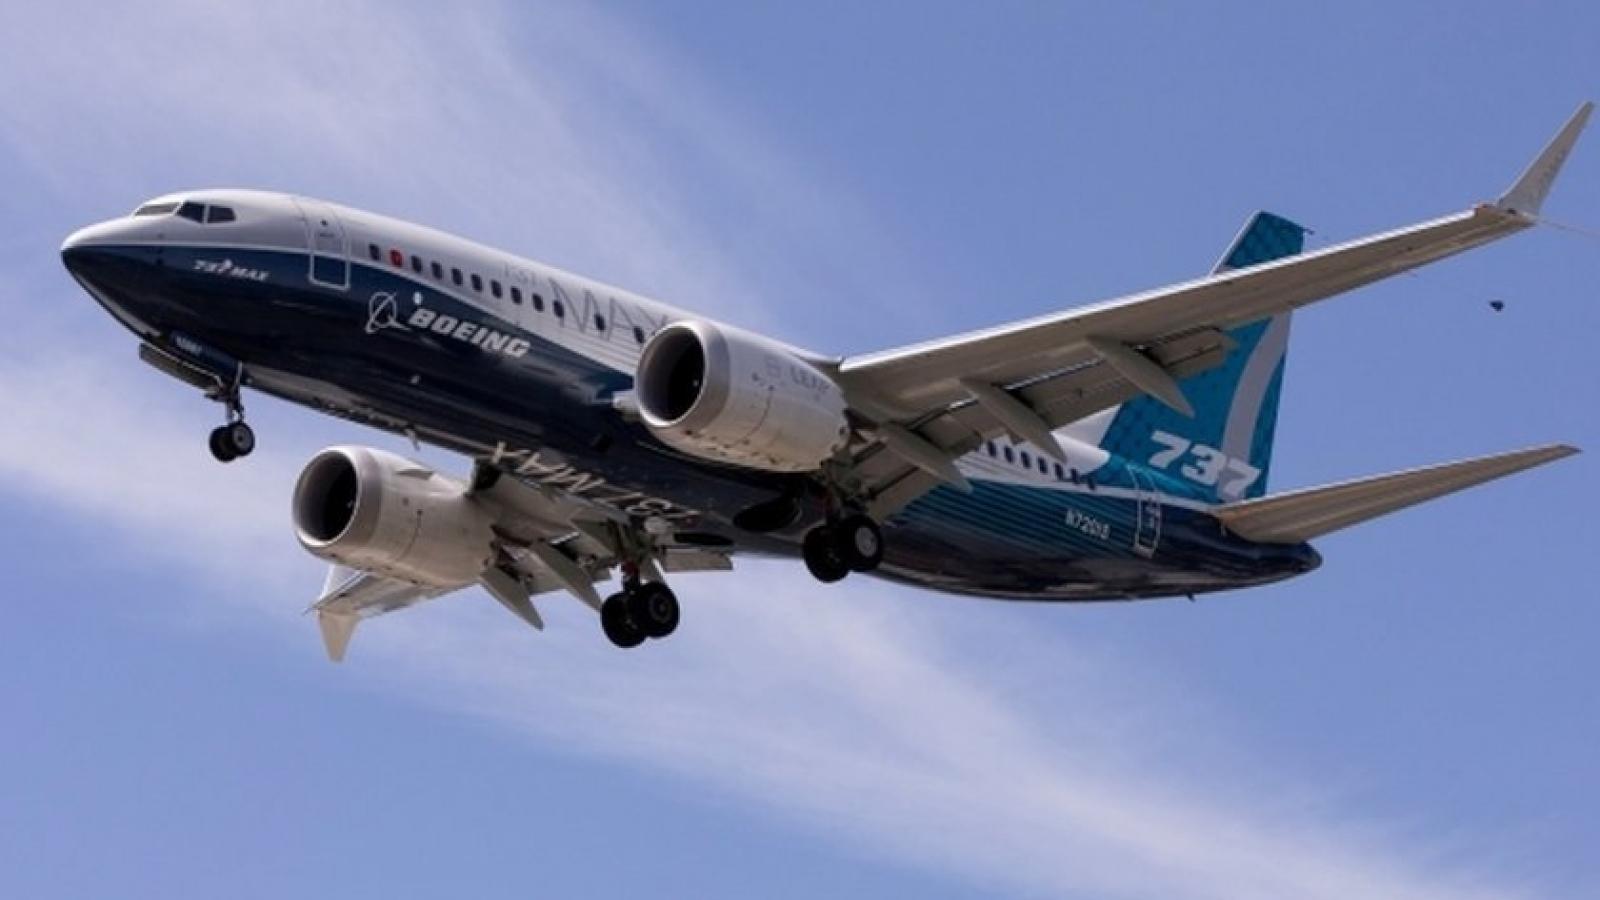 Máy bay Boeing 737-8 MAX gặp sự cố, phải tắt một động cơ và chuyển hướng bay